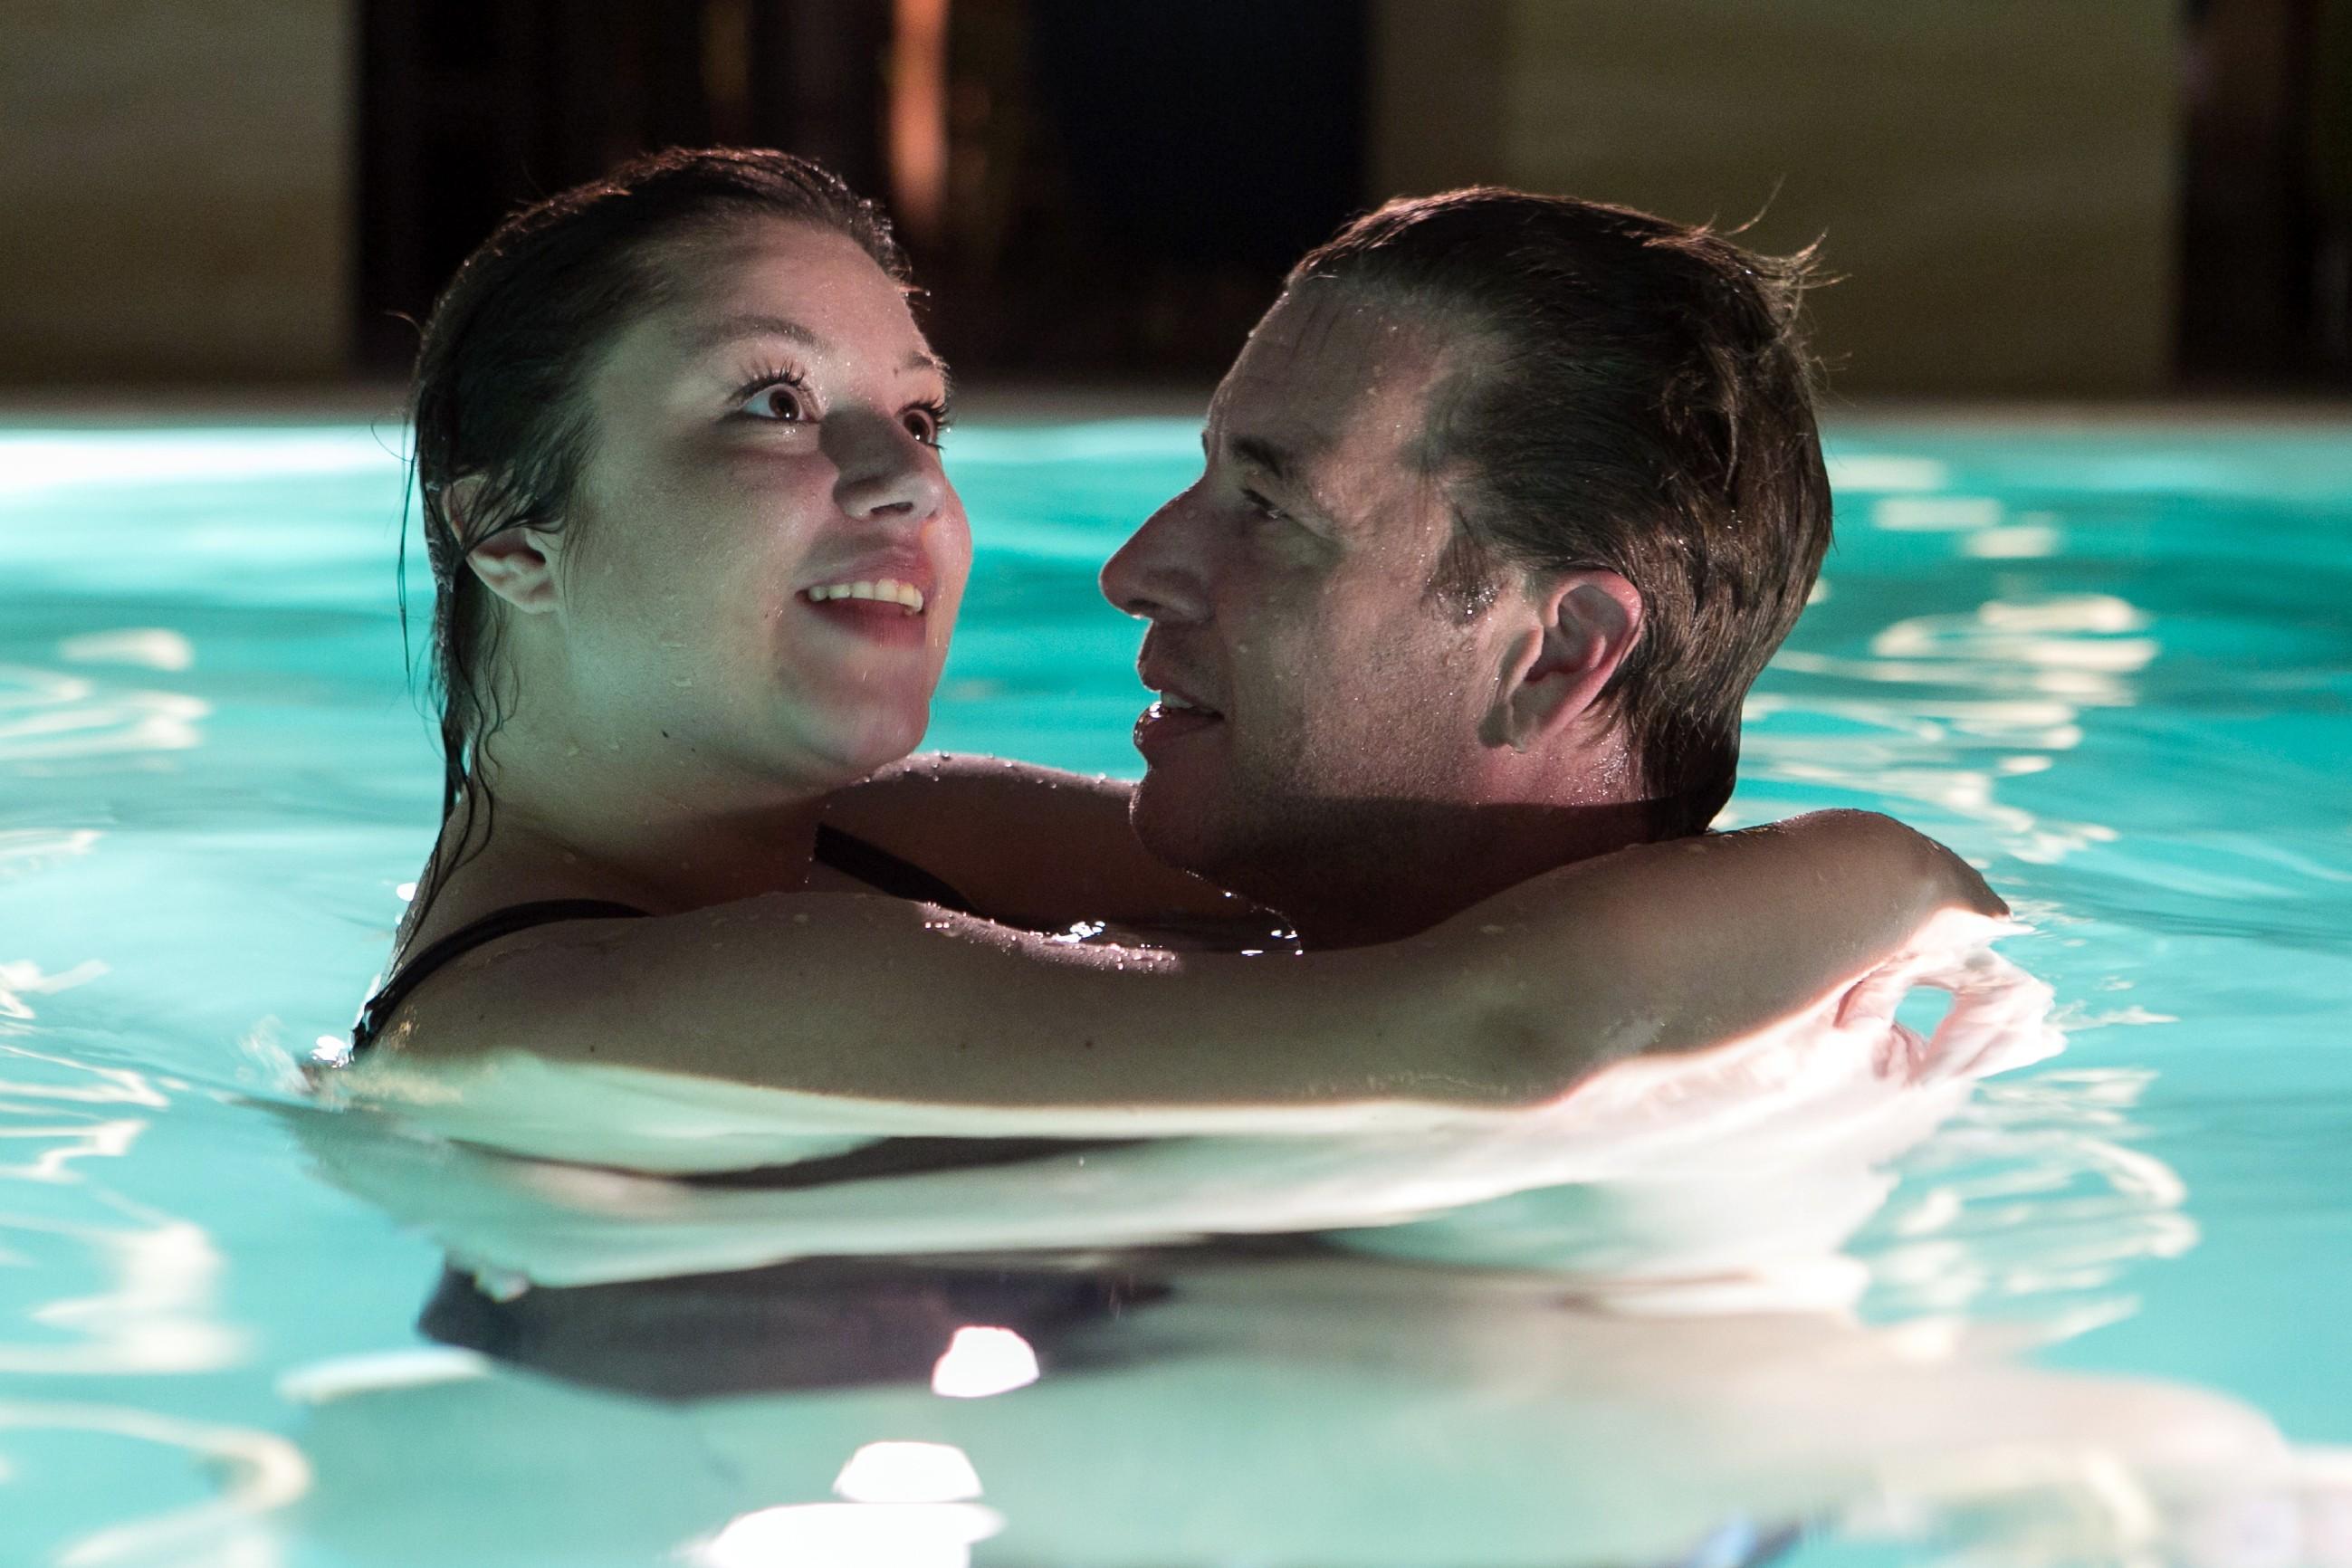 Vanessa (Julia Augustin) versucht Christoph (Lars Korten) mit einem nächtlichen Besuch des Pools im Steinkamp-Zentrums auf andere Gedanken zu bringen. (Quelle: RTL / Kai Schulz)